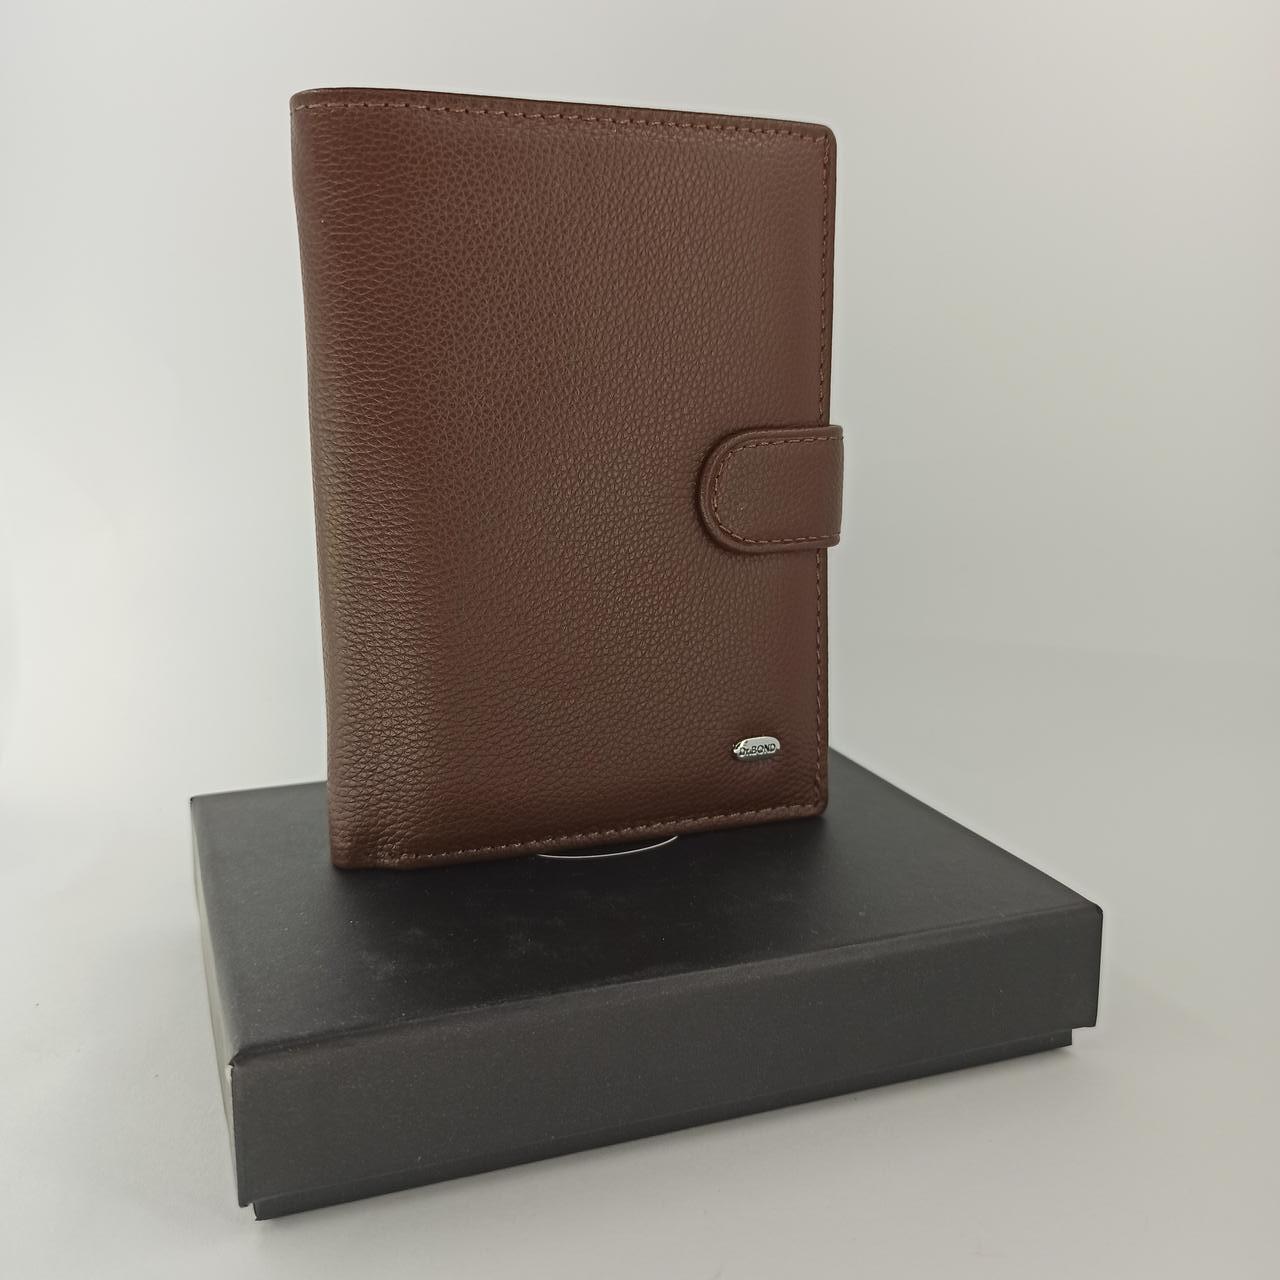 Кожаный мужской кошелек Dr. BOND M1 coffee